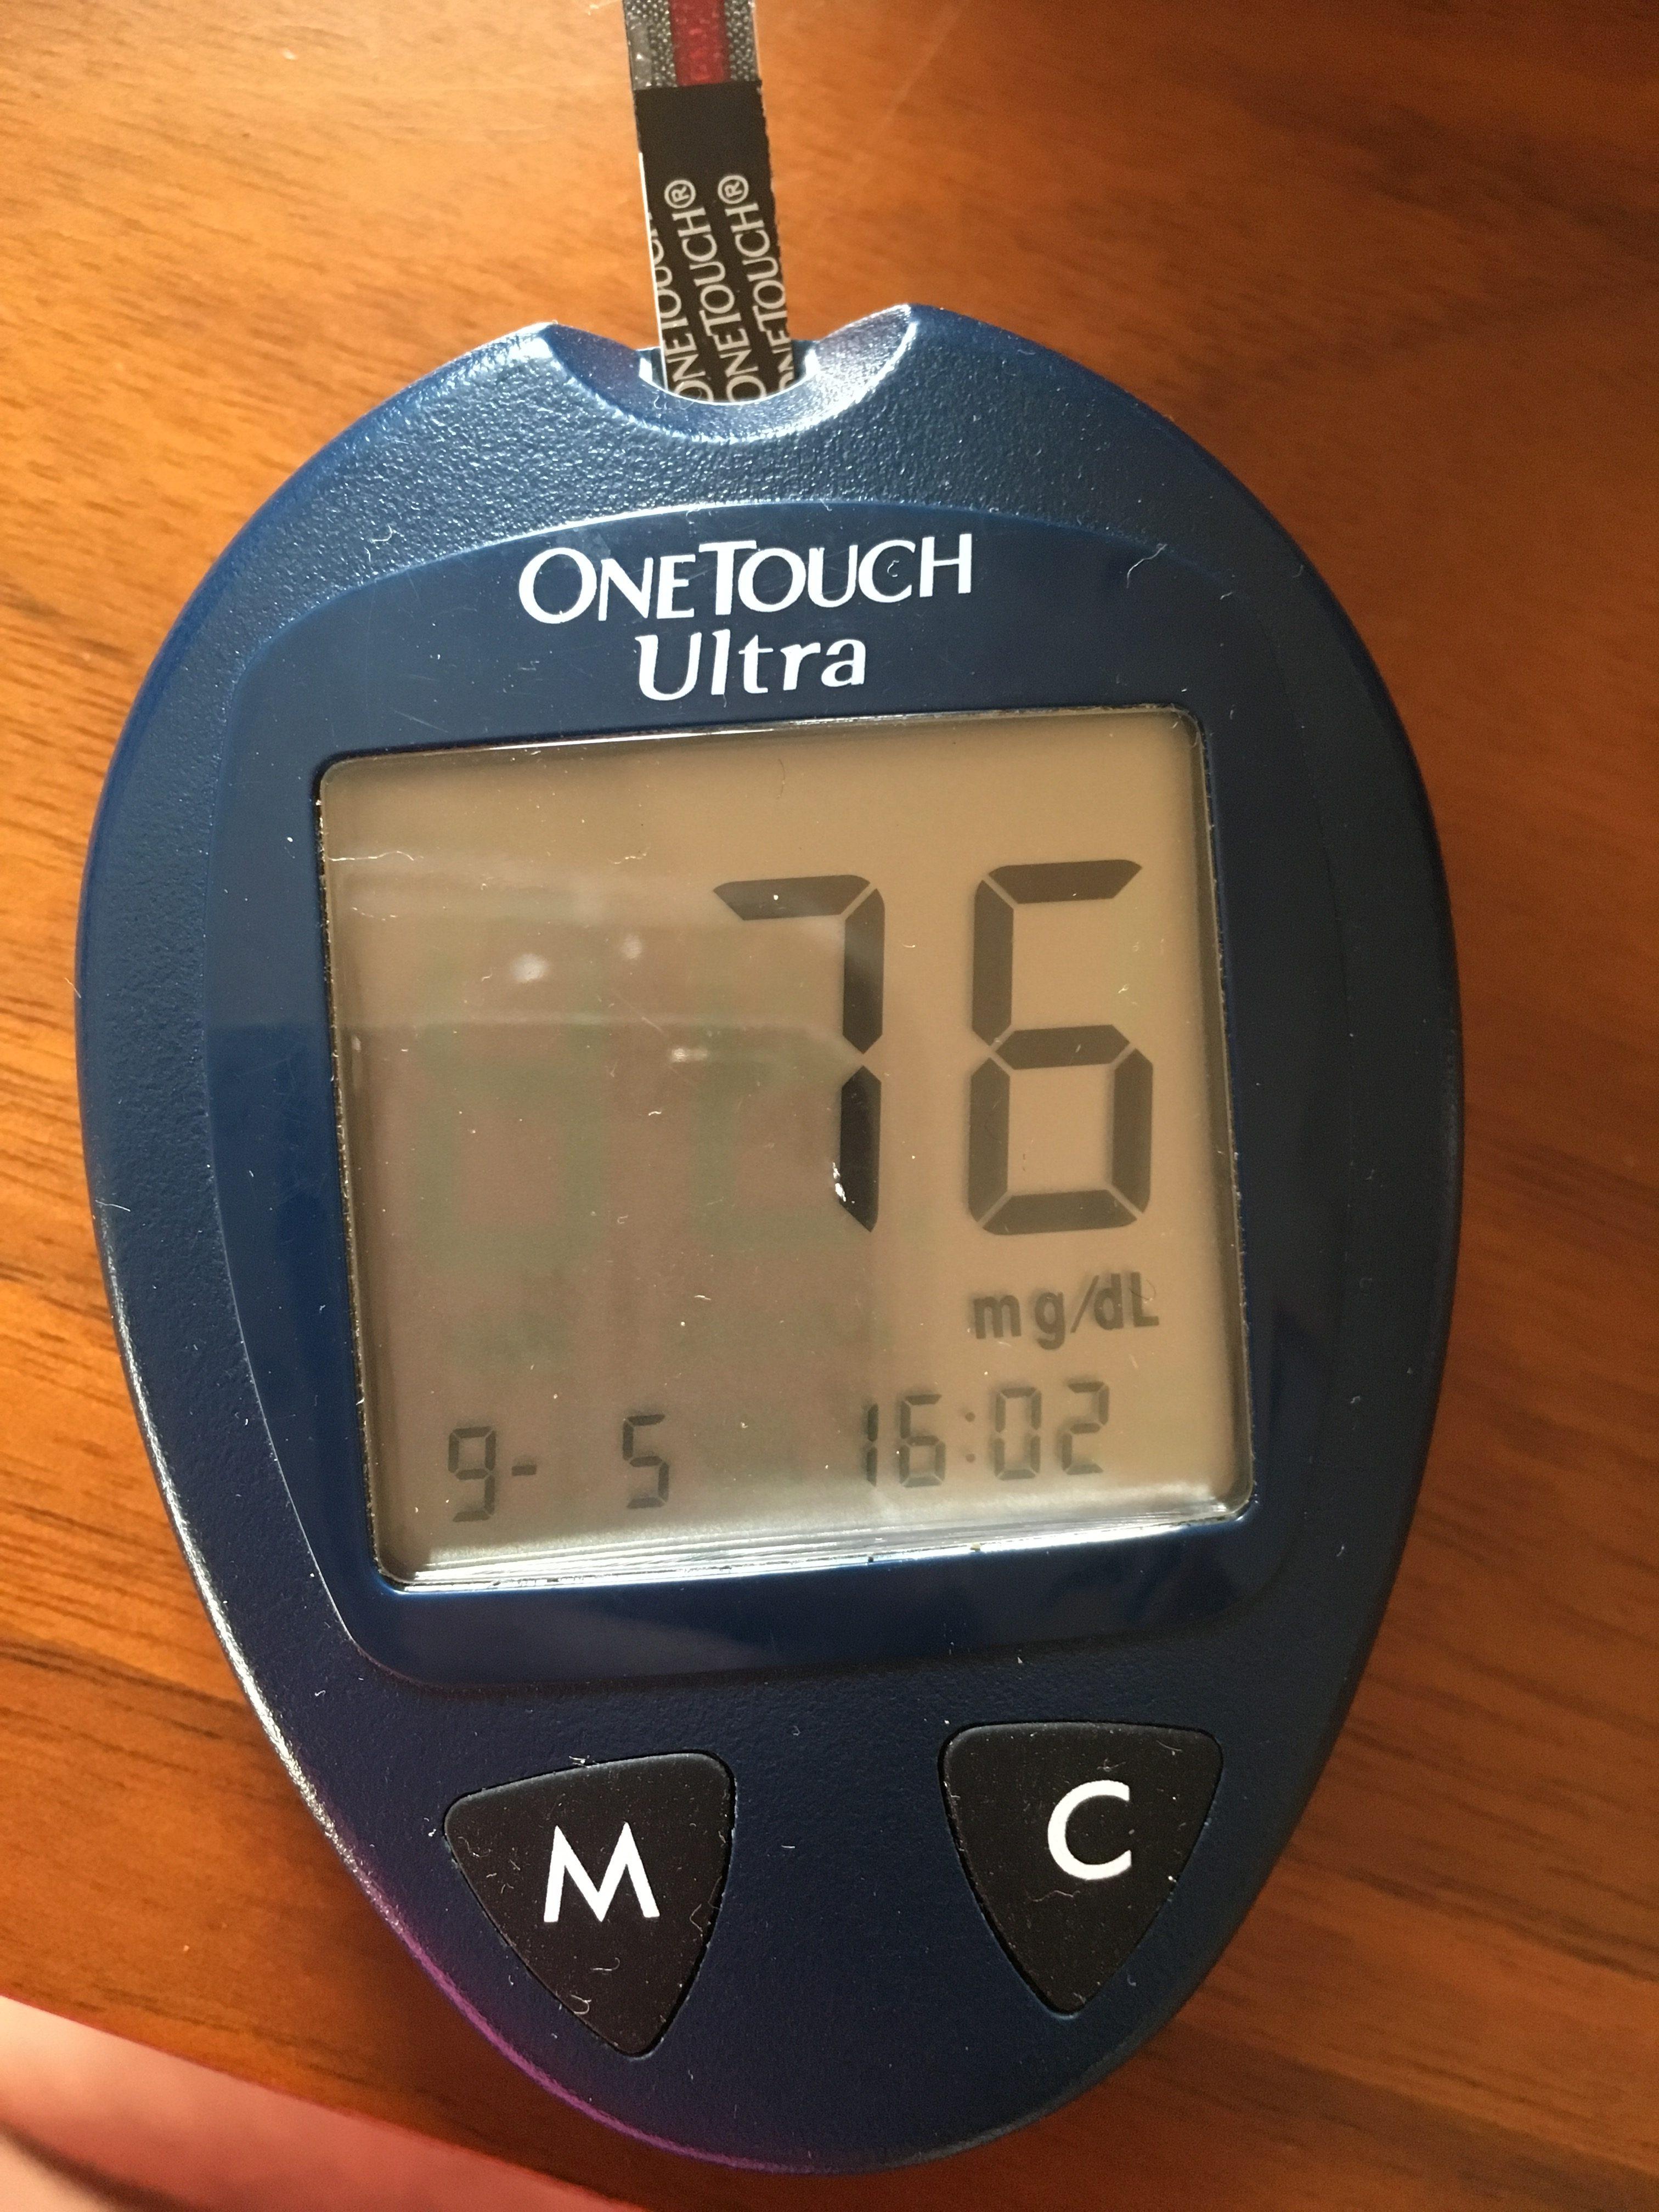 【試してみた】ファスティング中の空腹時に酵素ドリンクを飲むと血糖値はどれぐらい上がるのか